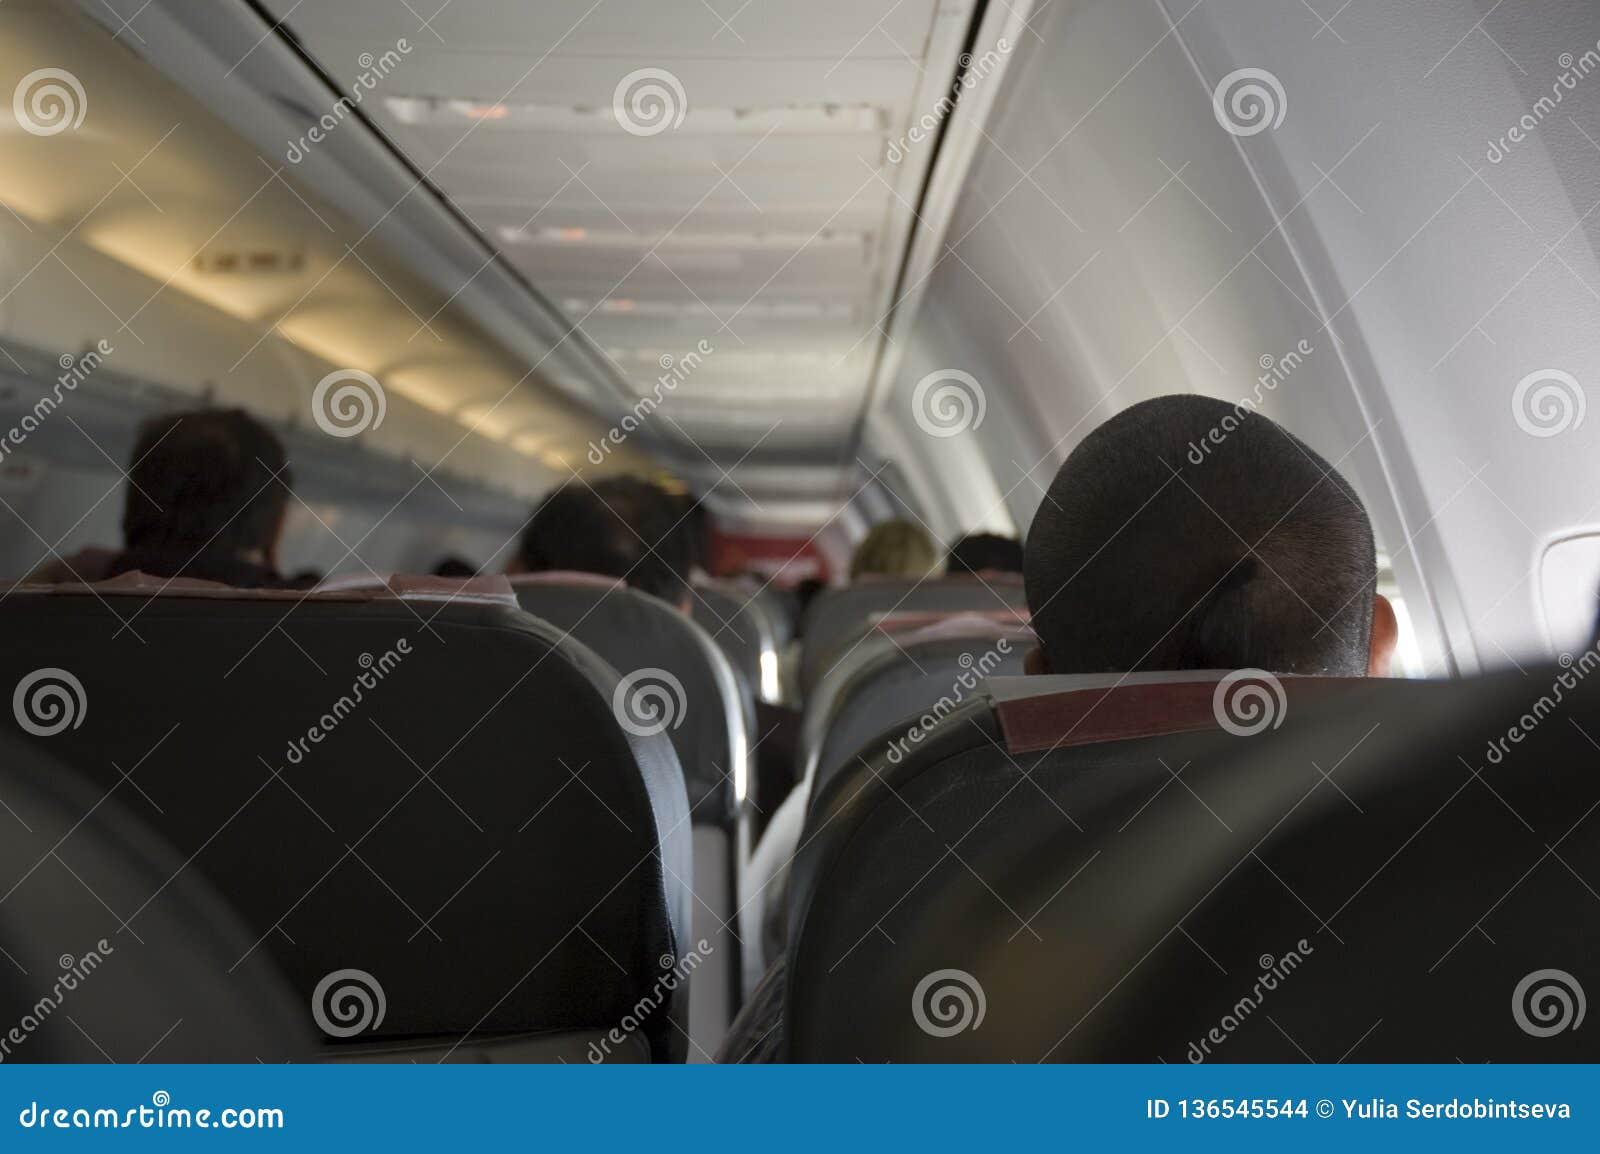 De mensen zitten in de vliegtuigencabine en het wachten op vertrek